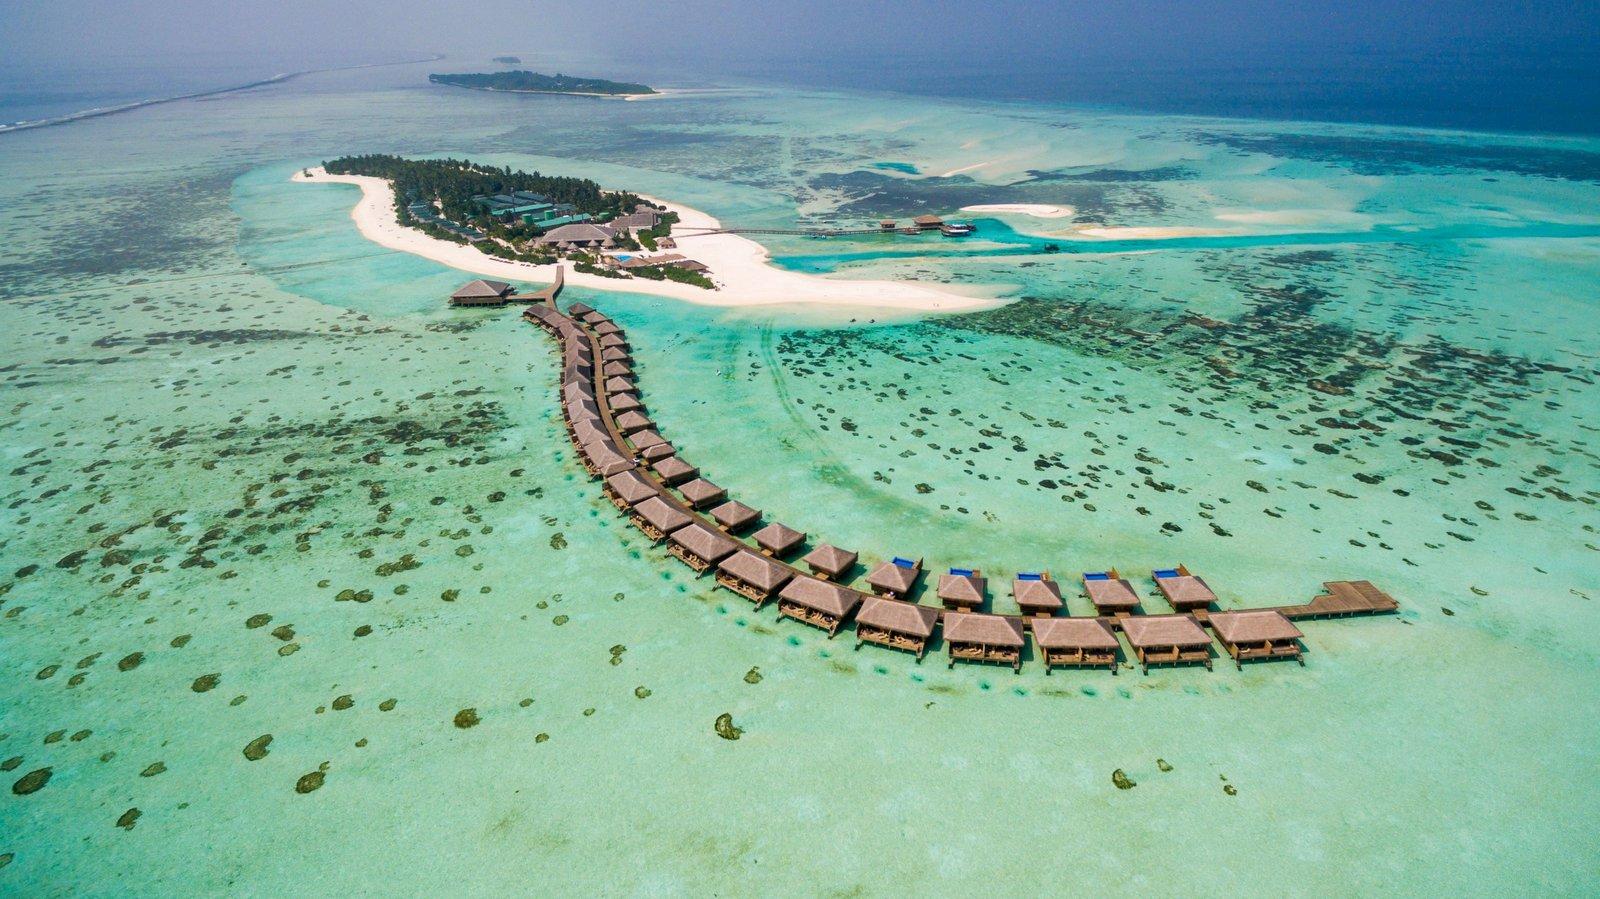 Мальдивы, отель Cocoon Maldives, водные виллы